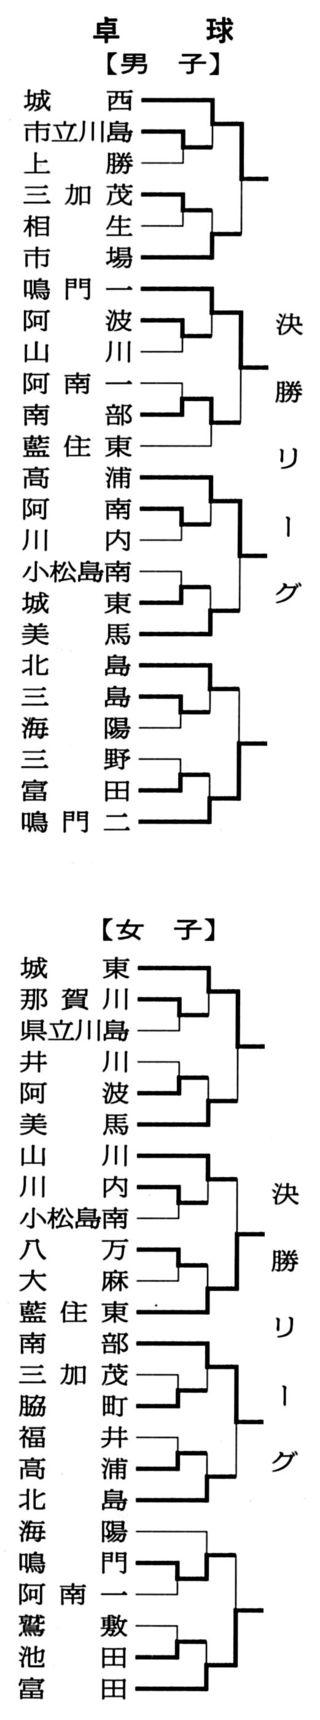 第73回徳島県中学総体 卓球7月21日の結果